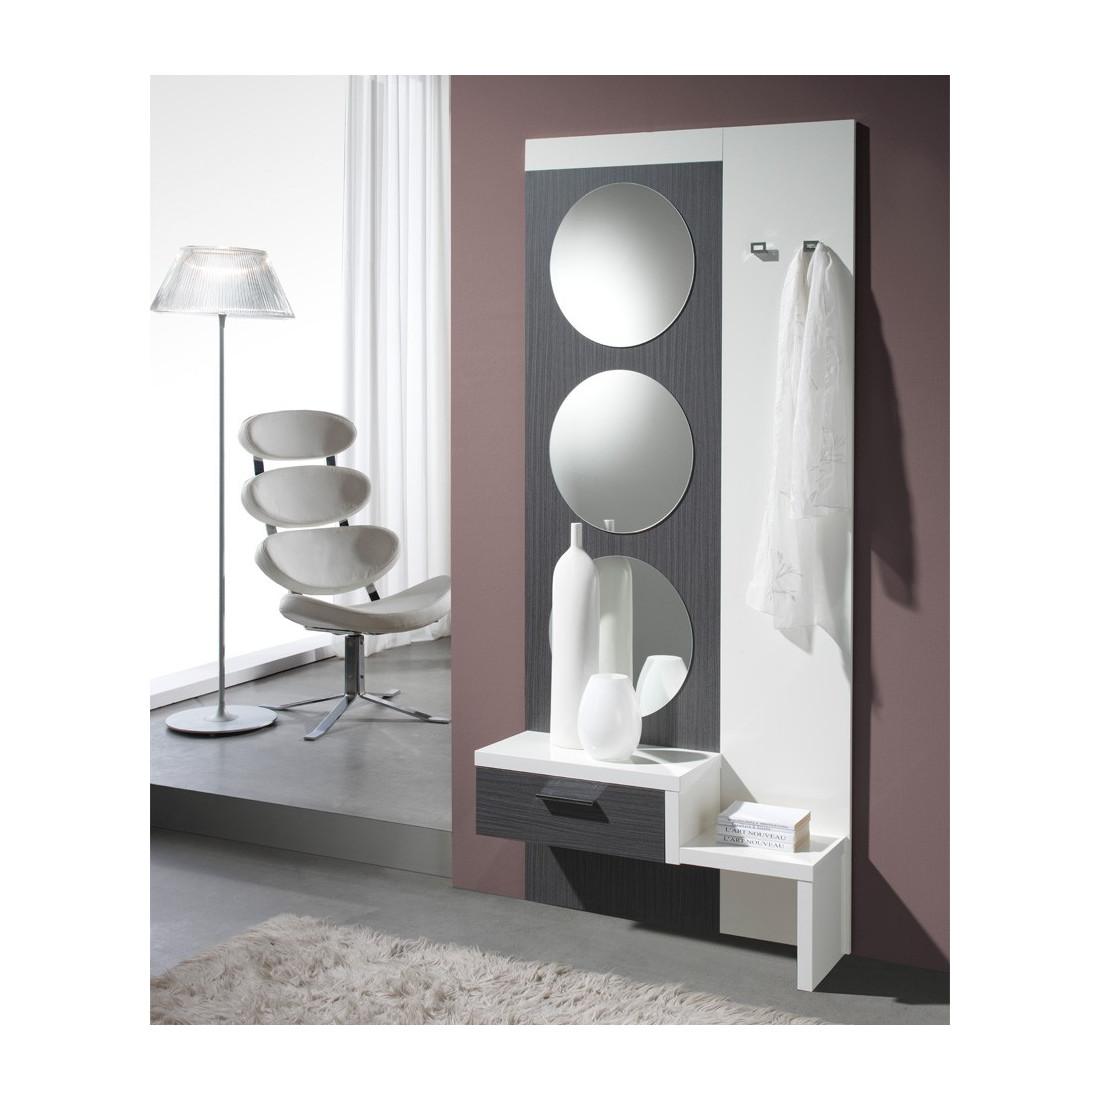 meuble d 39 entr e blanc cendre gomelle univers petits meubles. Black Bedroom Furniture Sets. Home Design Ideas